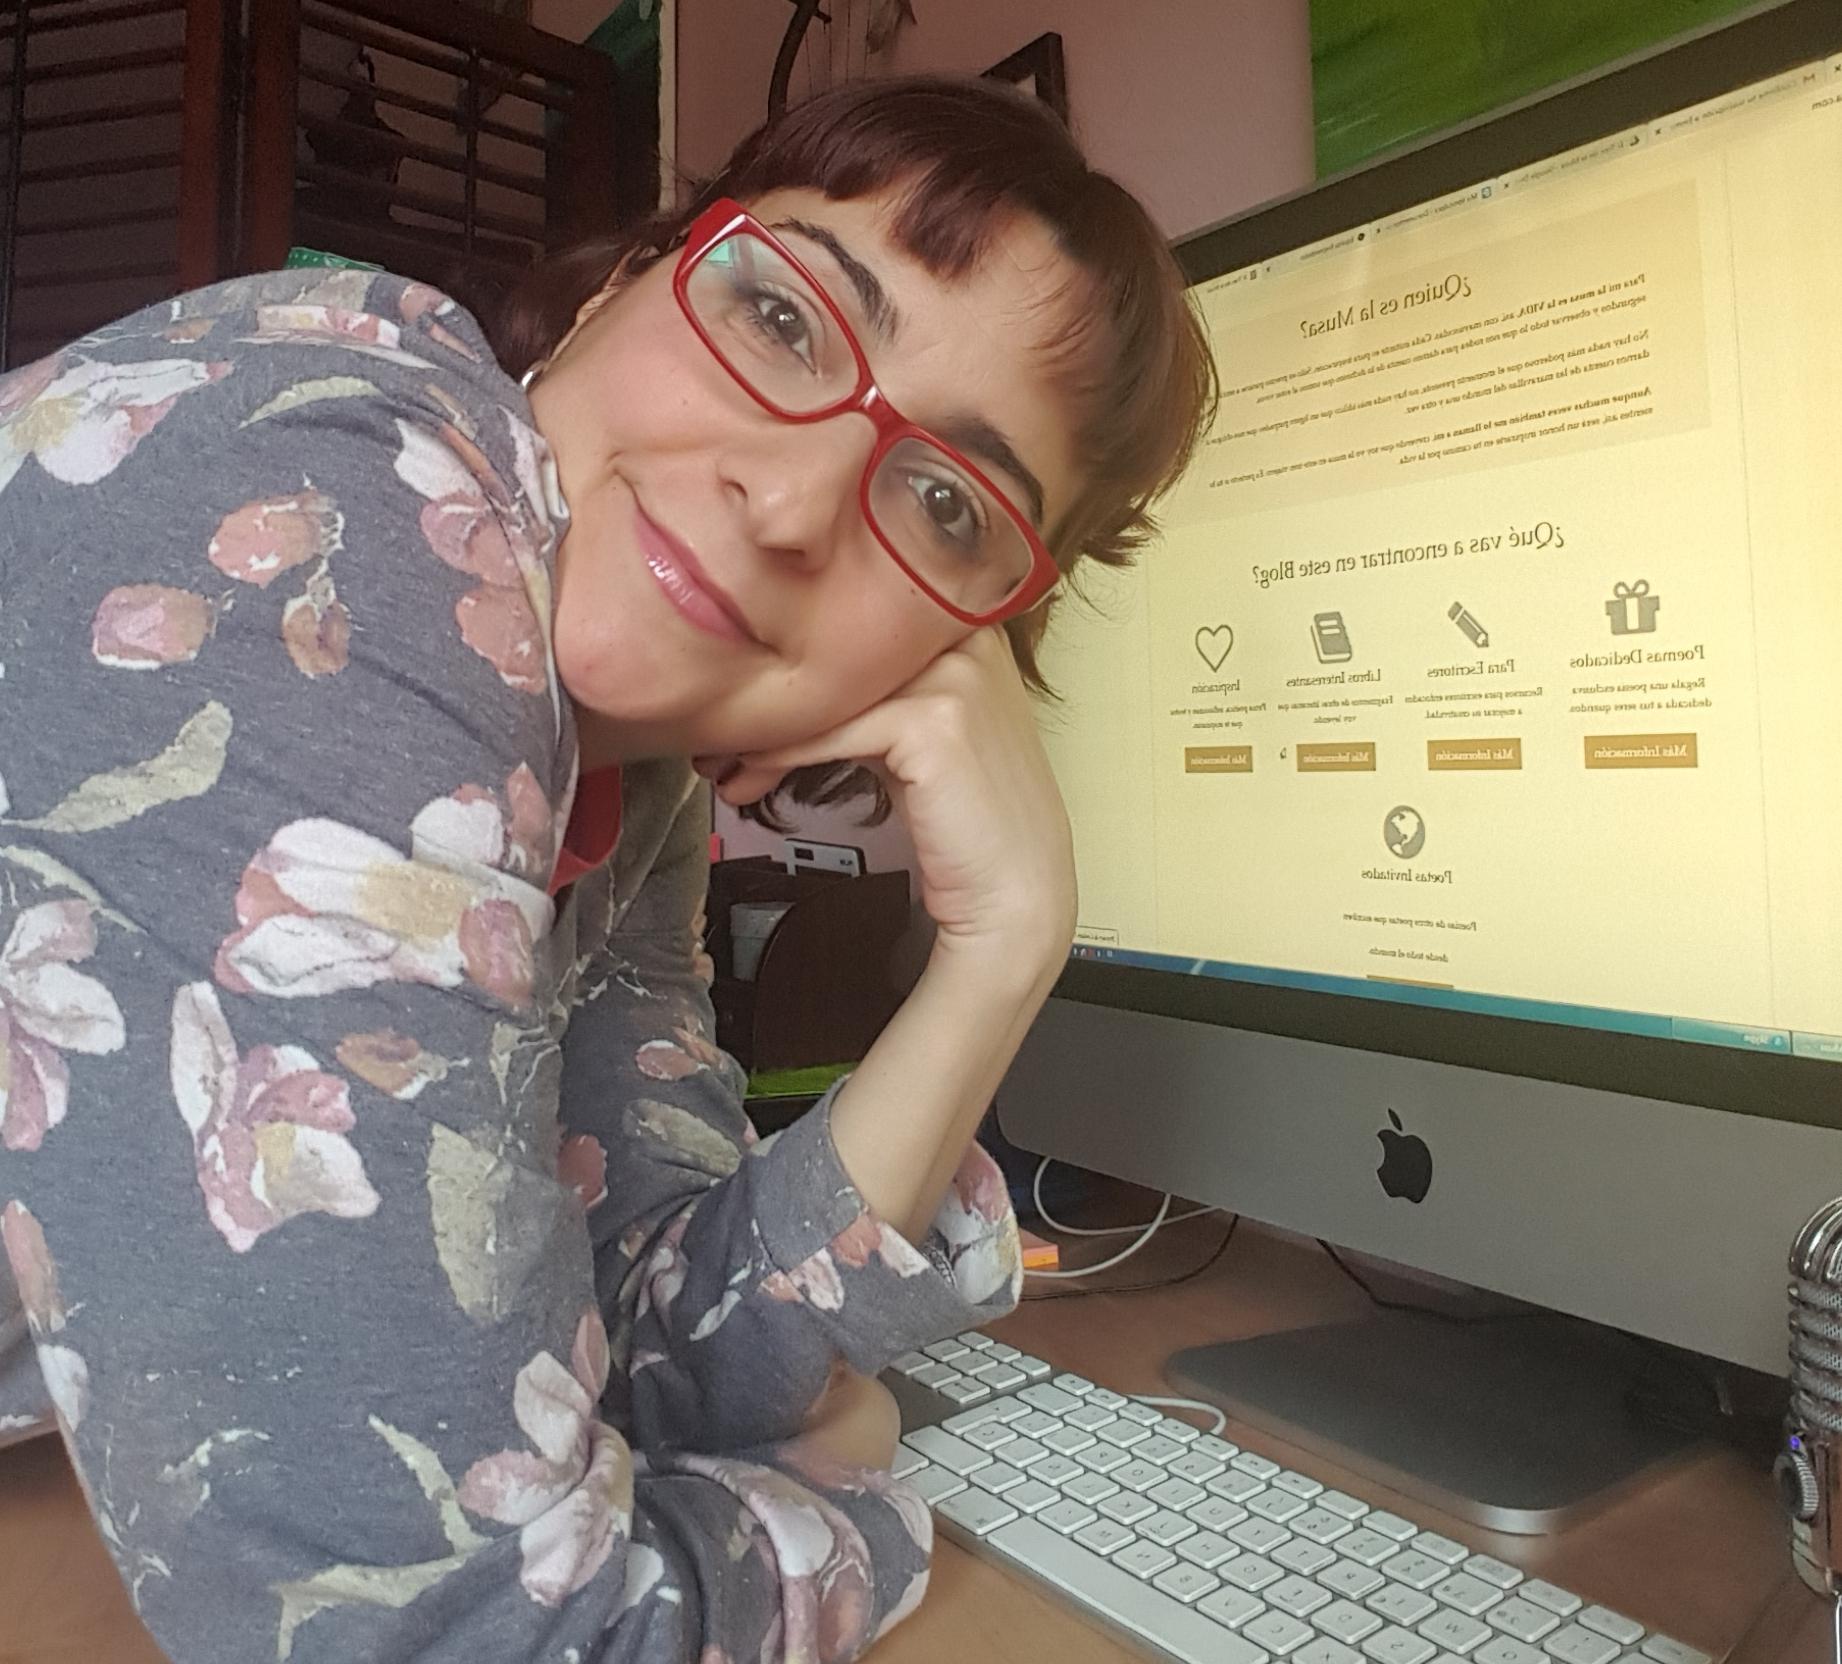 Servicios de Sonia Molinero Martín